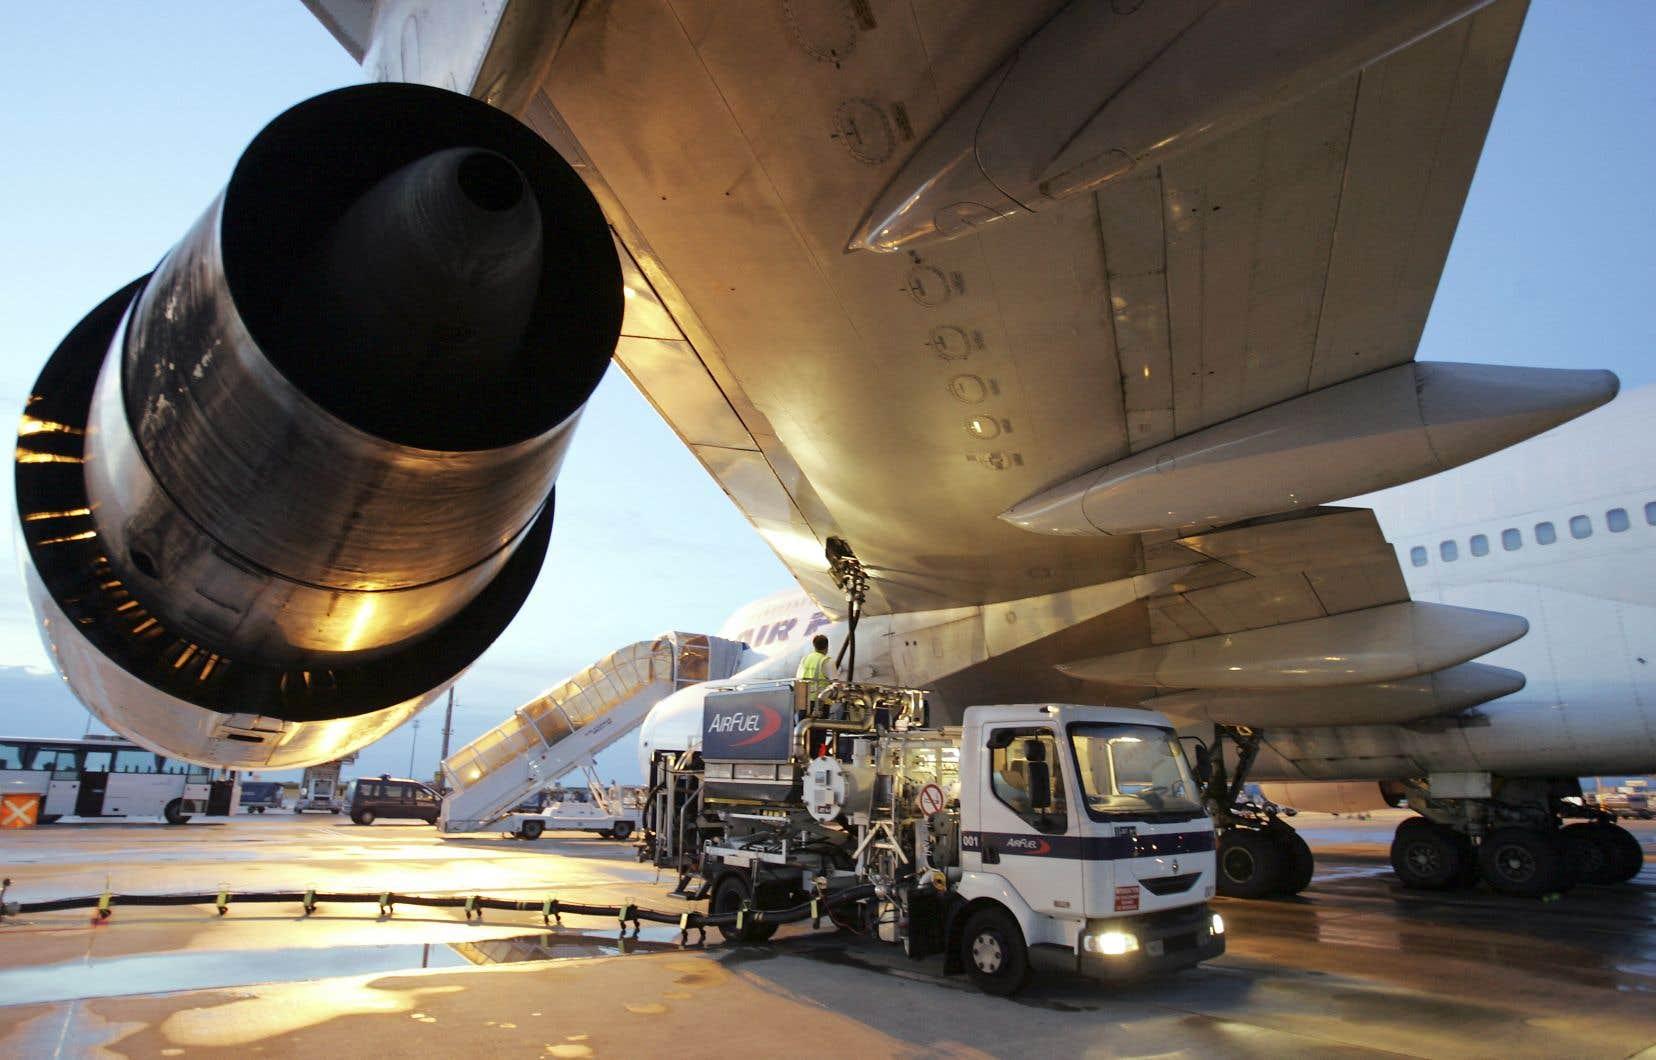 Les transporteurs aériens commerciaux sont responsables de 2 à 3% des émissions de gaz à effet de serre sur la planète.